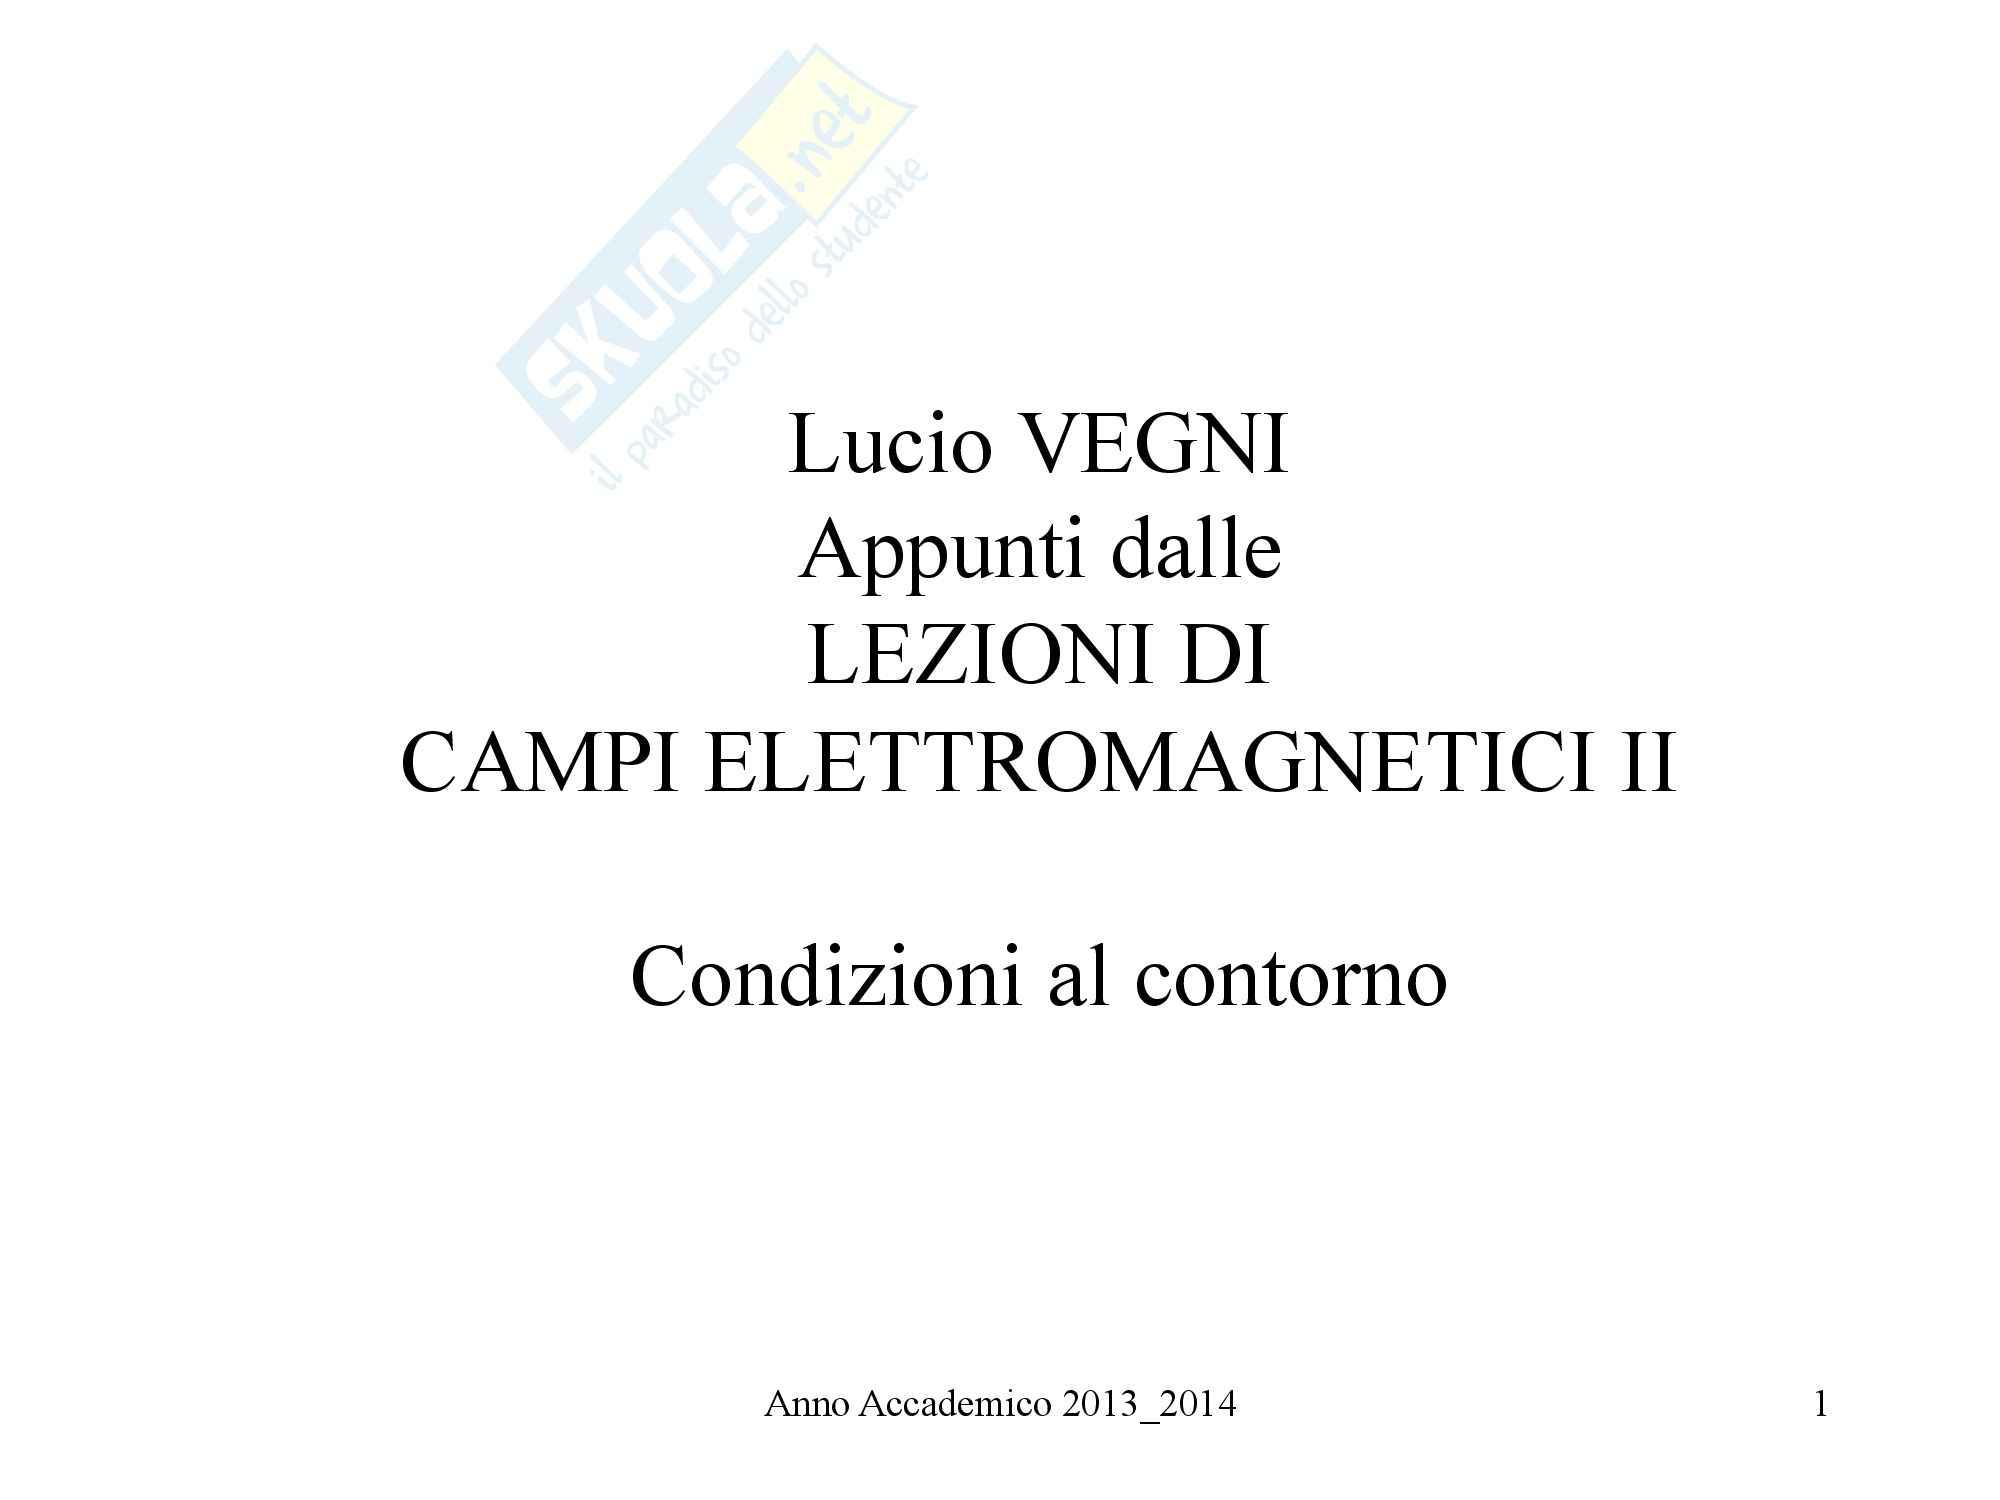 Campi Elettromagnetici - Condizioni al contorno